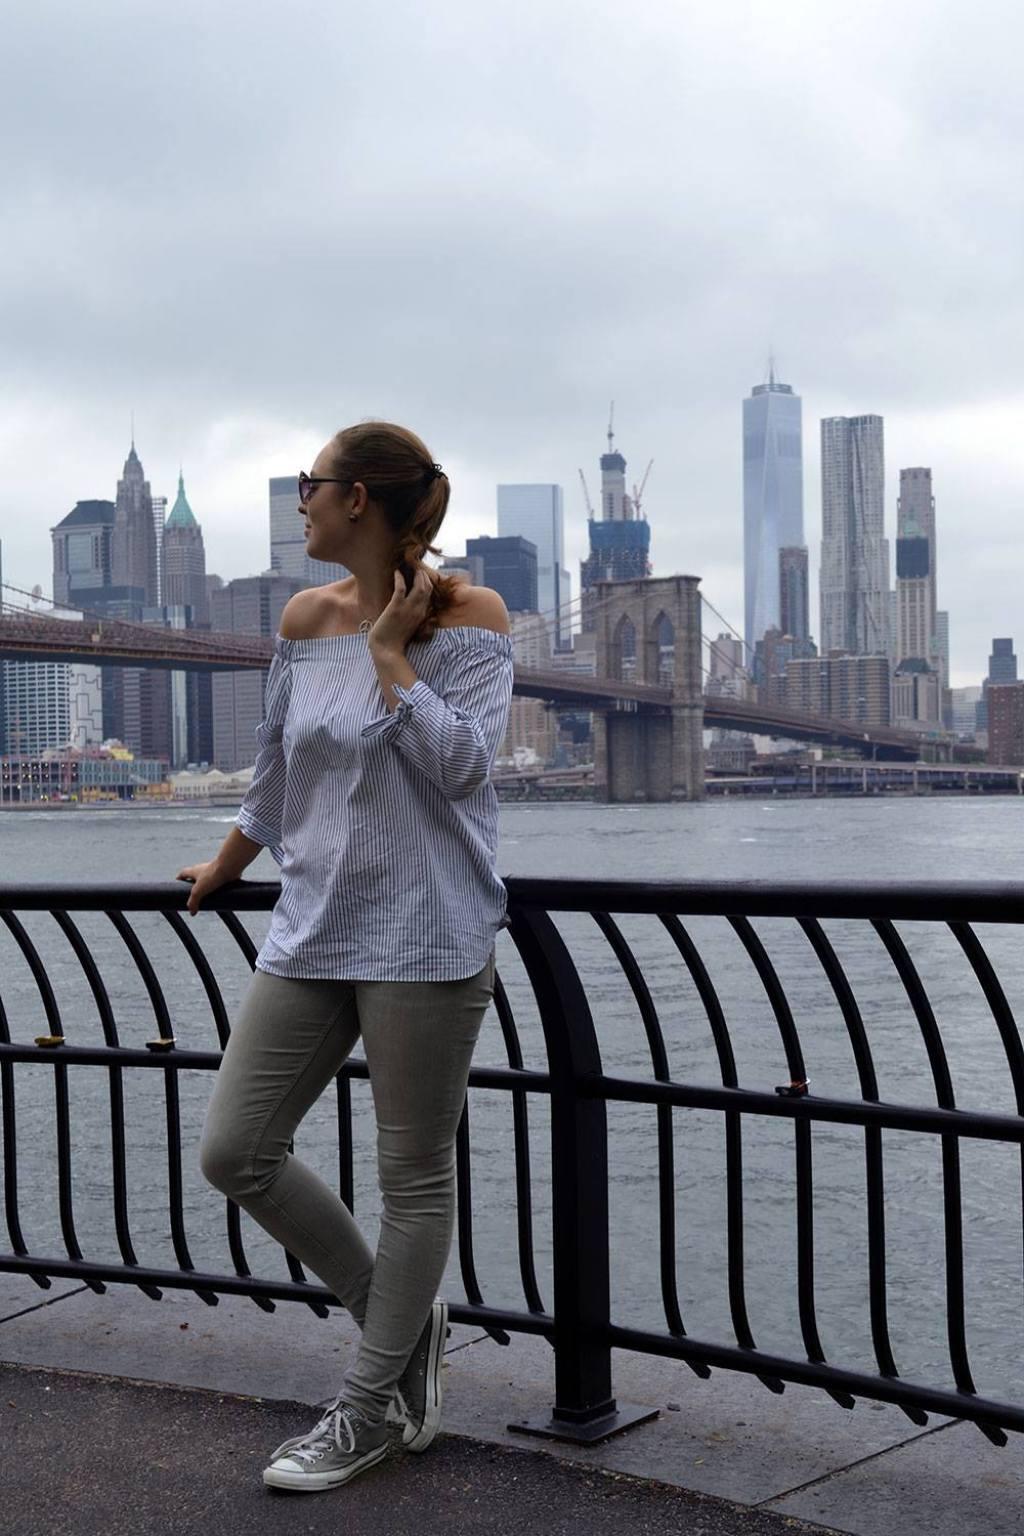 Bloggerin-New York-Blogger-Leben-Erfahrungen-Amerika-Gastbeitrag